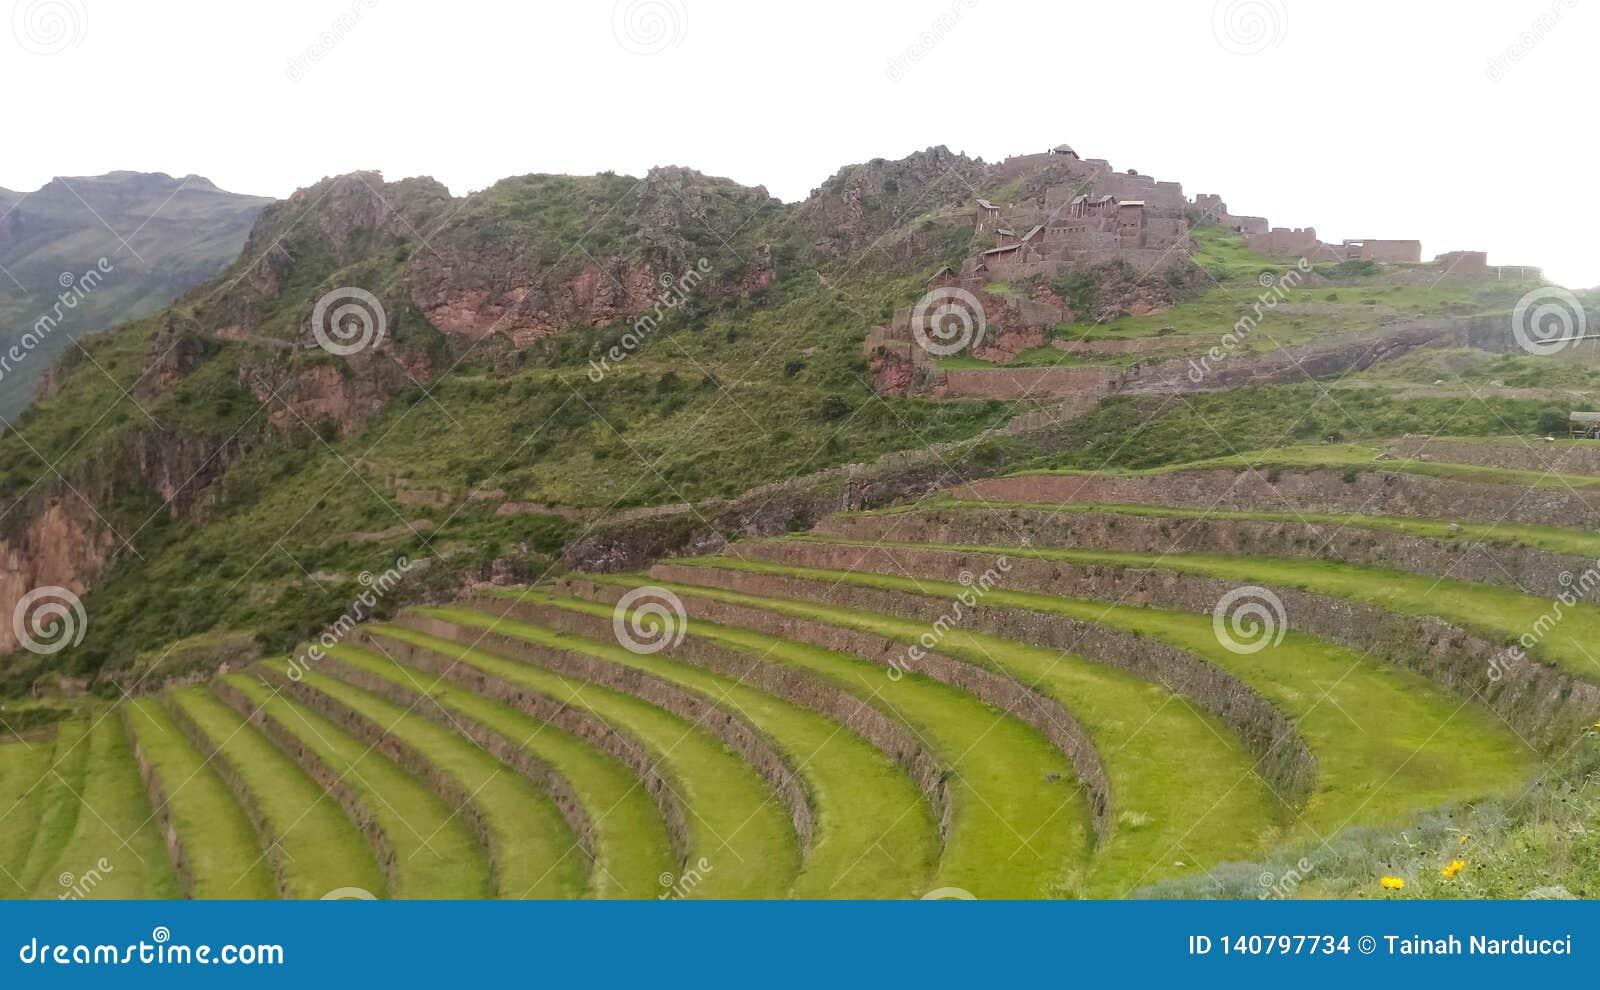 Il sito archeologico più importante in valle sacra, Pisac, Perù, 02/07/2019